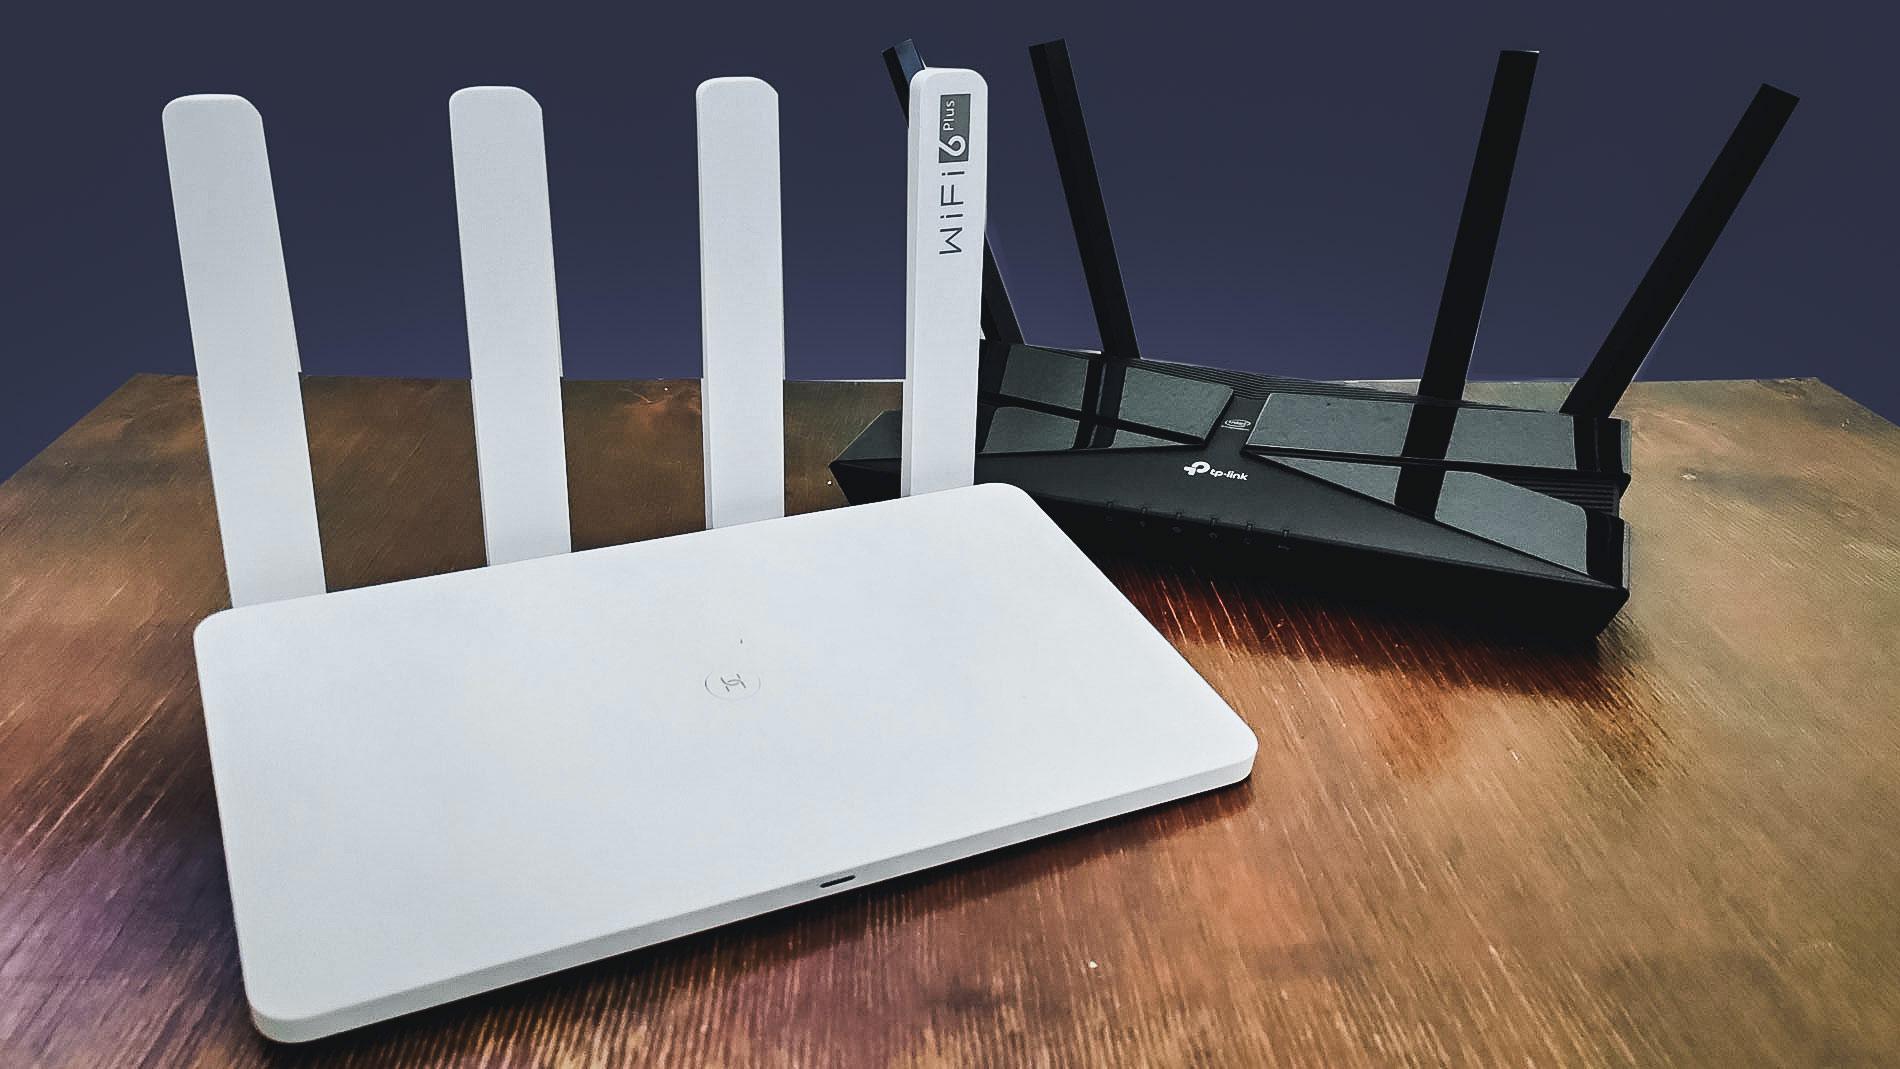 Honor Router 3 и TP-Link Archer AX50. Фото © LIFE / Денис Марков